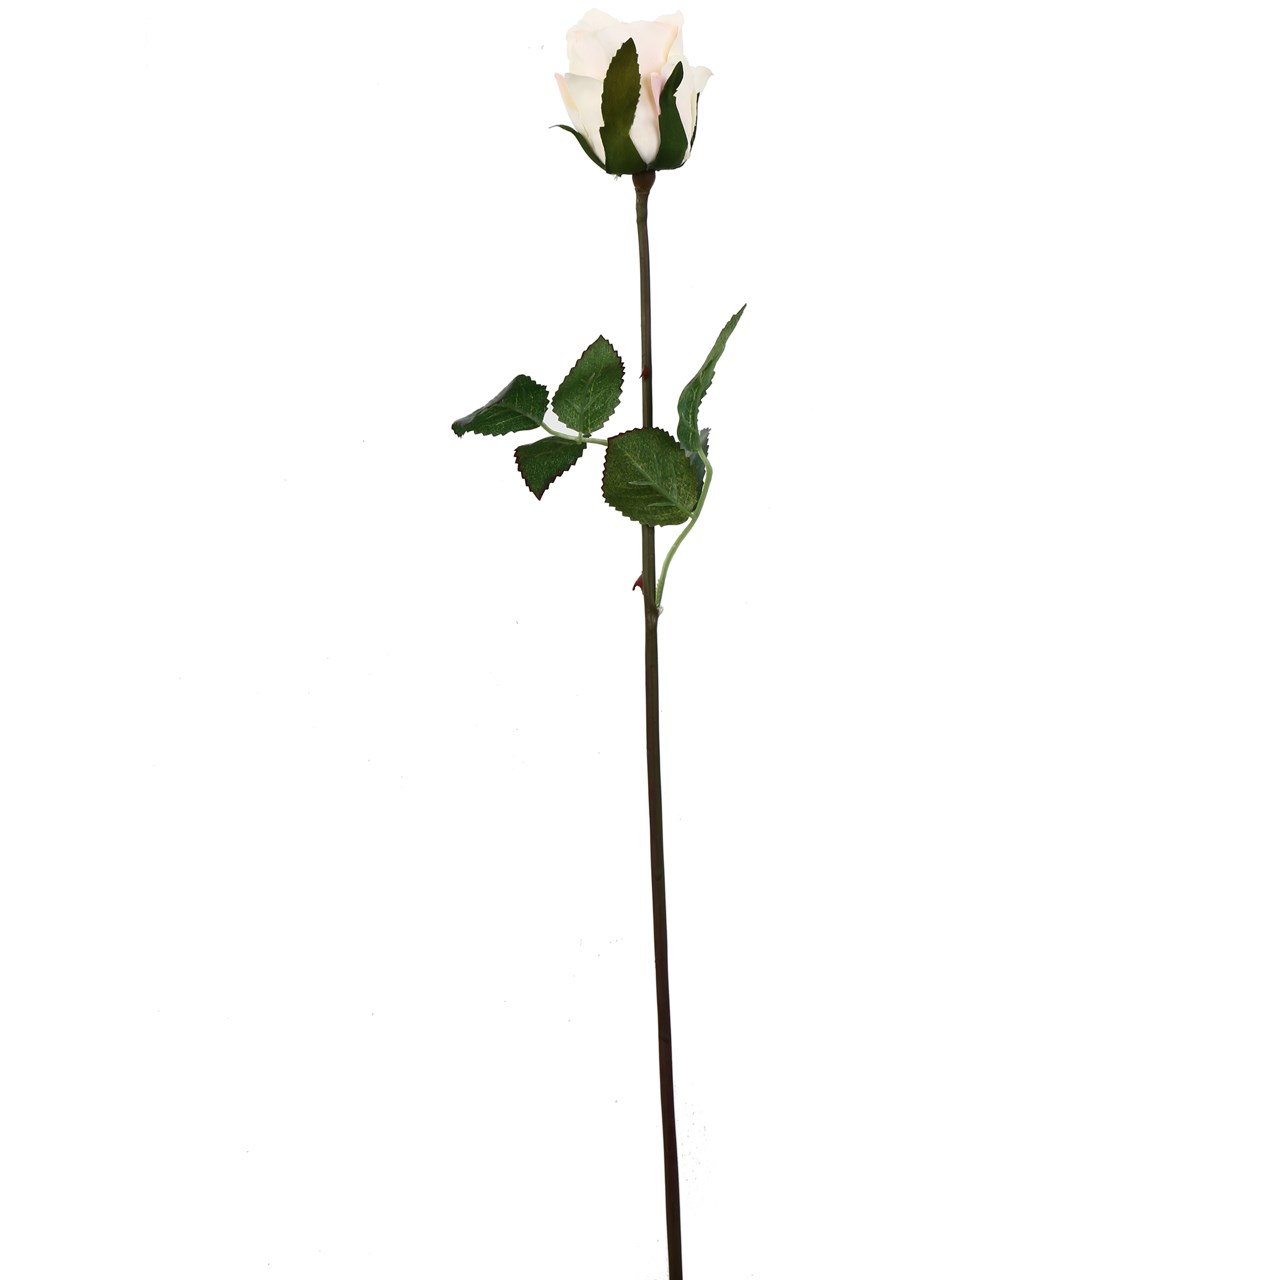 گل مصنوعی هومز طرح رز غنچه نیمه باز  مدل40052 مجموعه 4 عددی